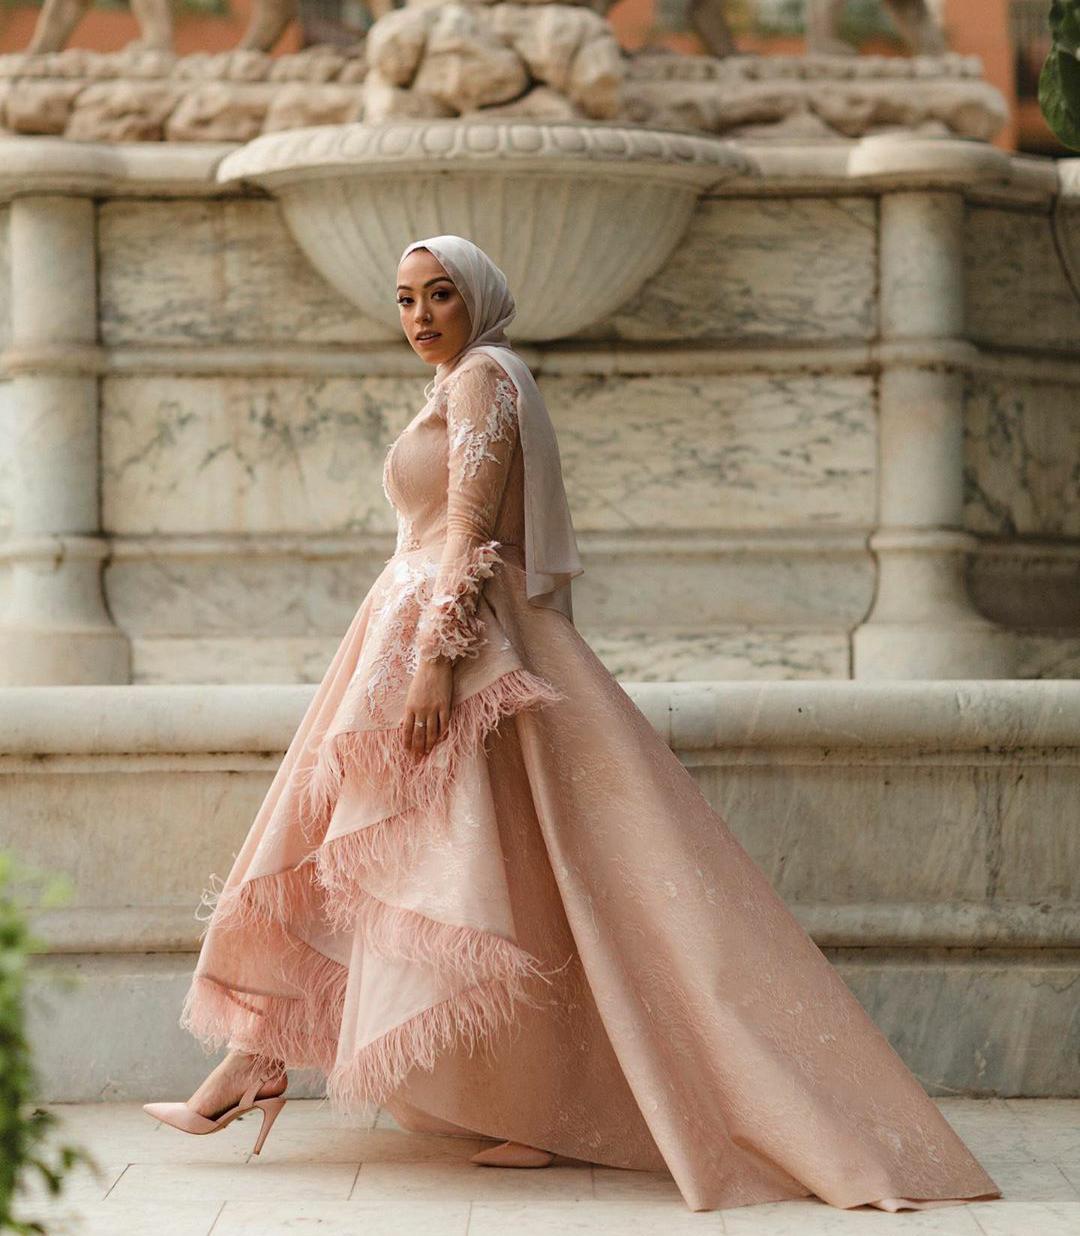 المؤثرة المصرية سارة صبري بفستان منفوش